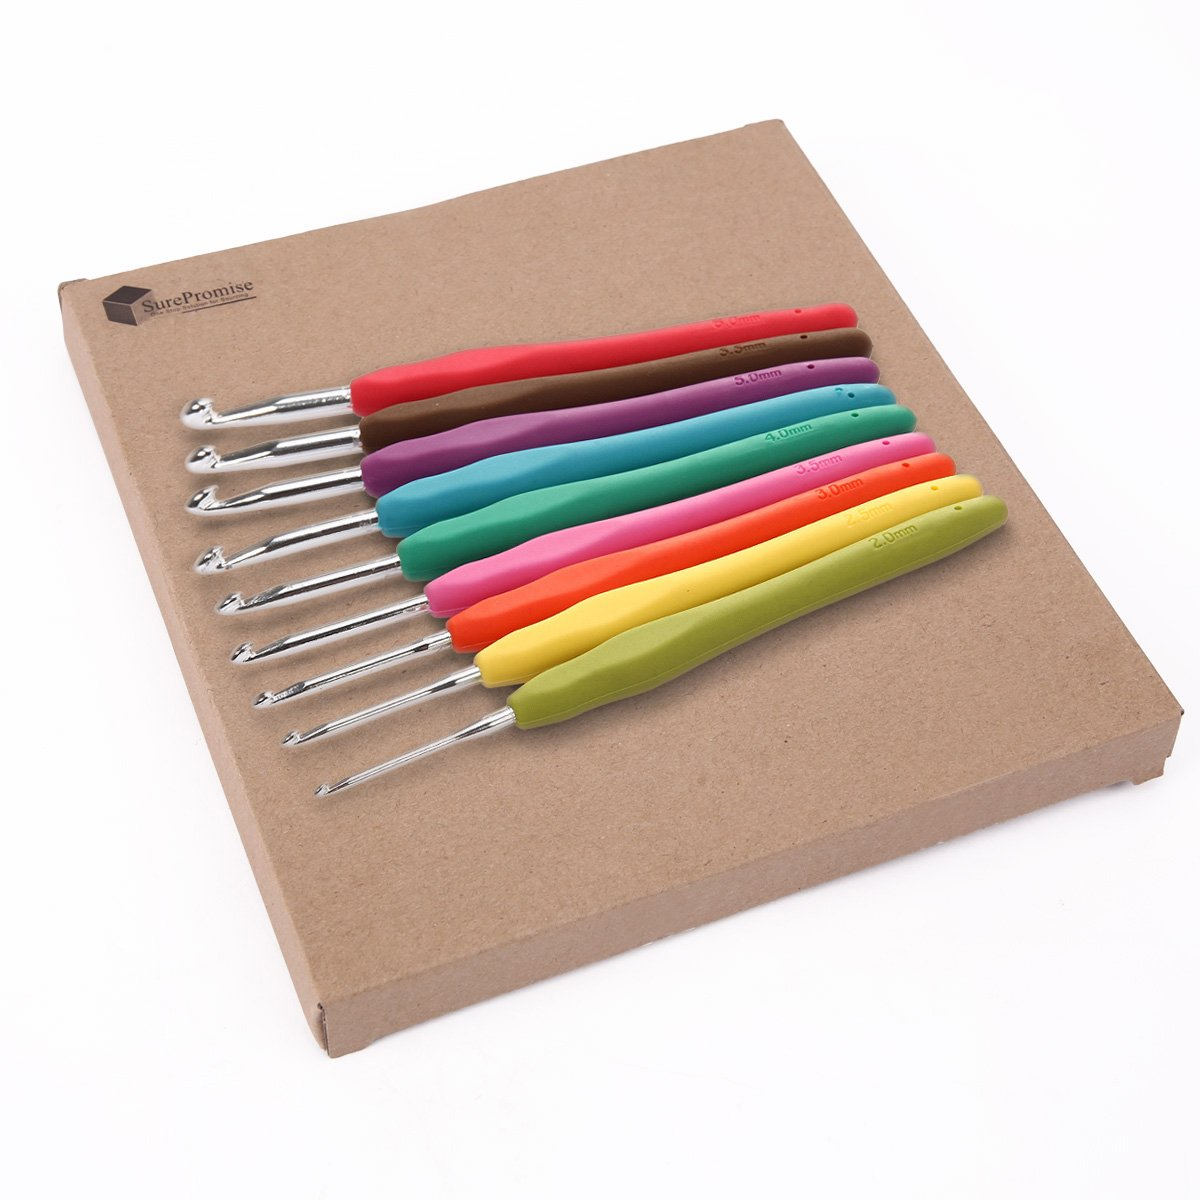 9pcs Colorful Soft Plastic Handle Aluminum Crochet Hooks Needles 2mm-6mm Knitting Knit Yarn Weave Craft UK Ship SurePromise Limited HOUSWEETYB38586